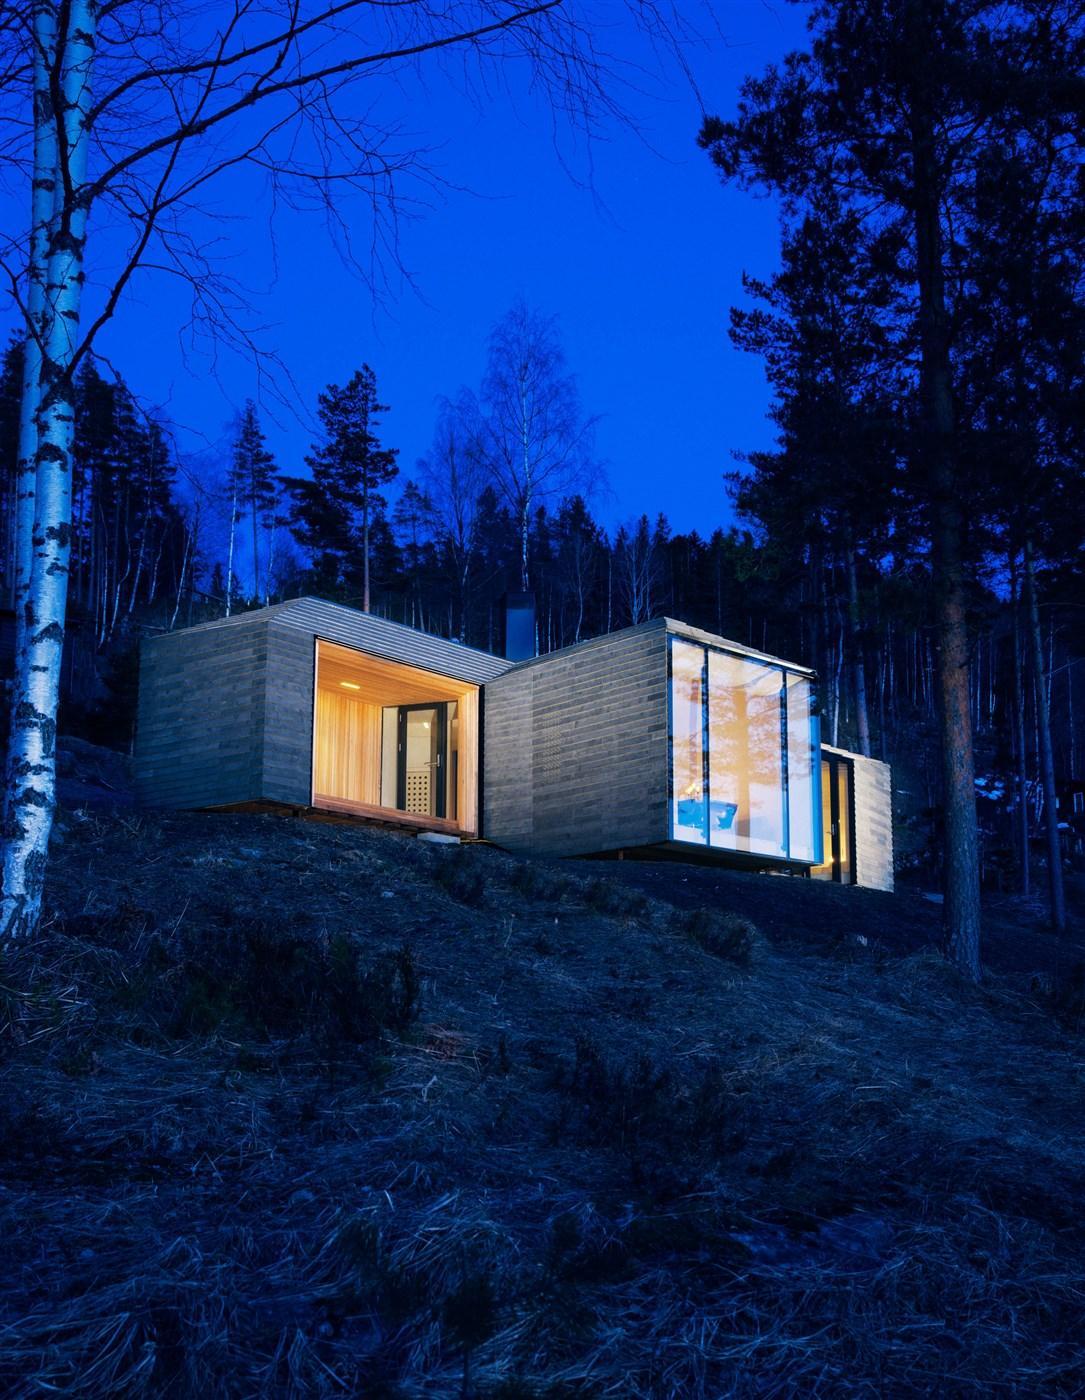 woodn cabin in the night